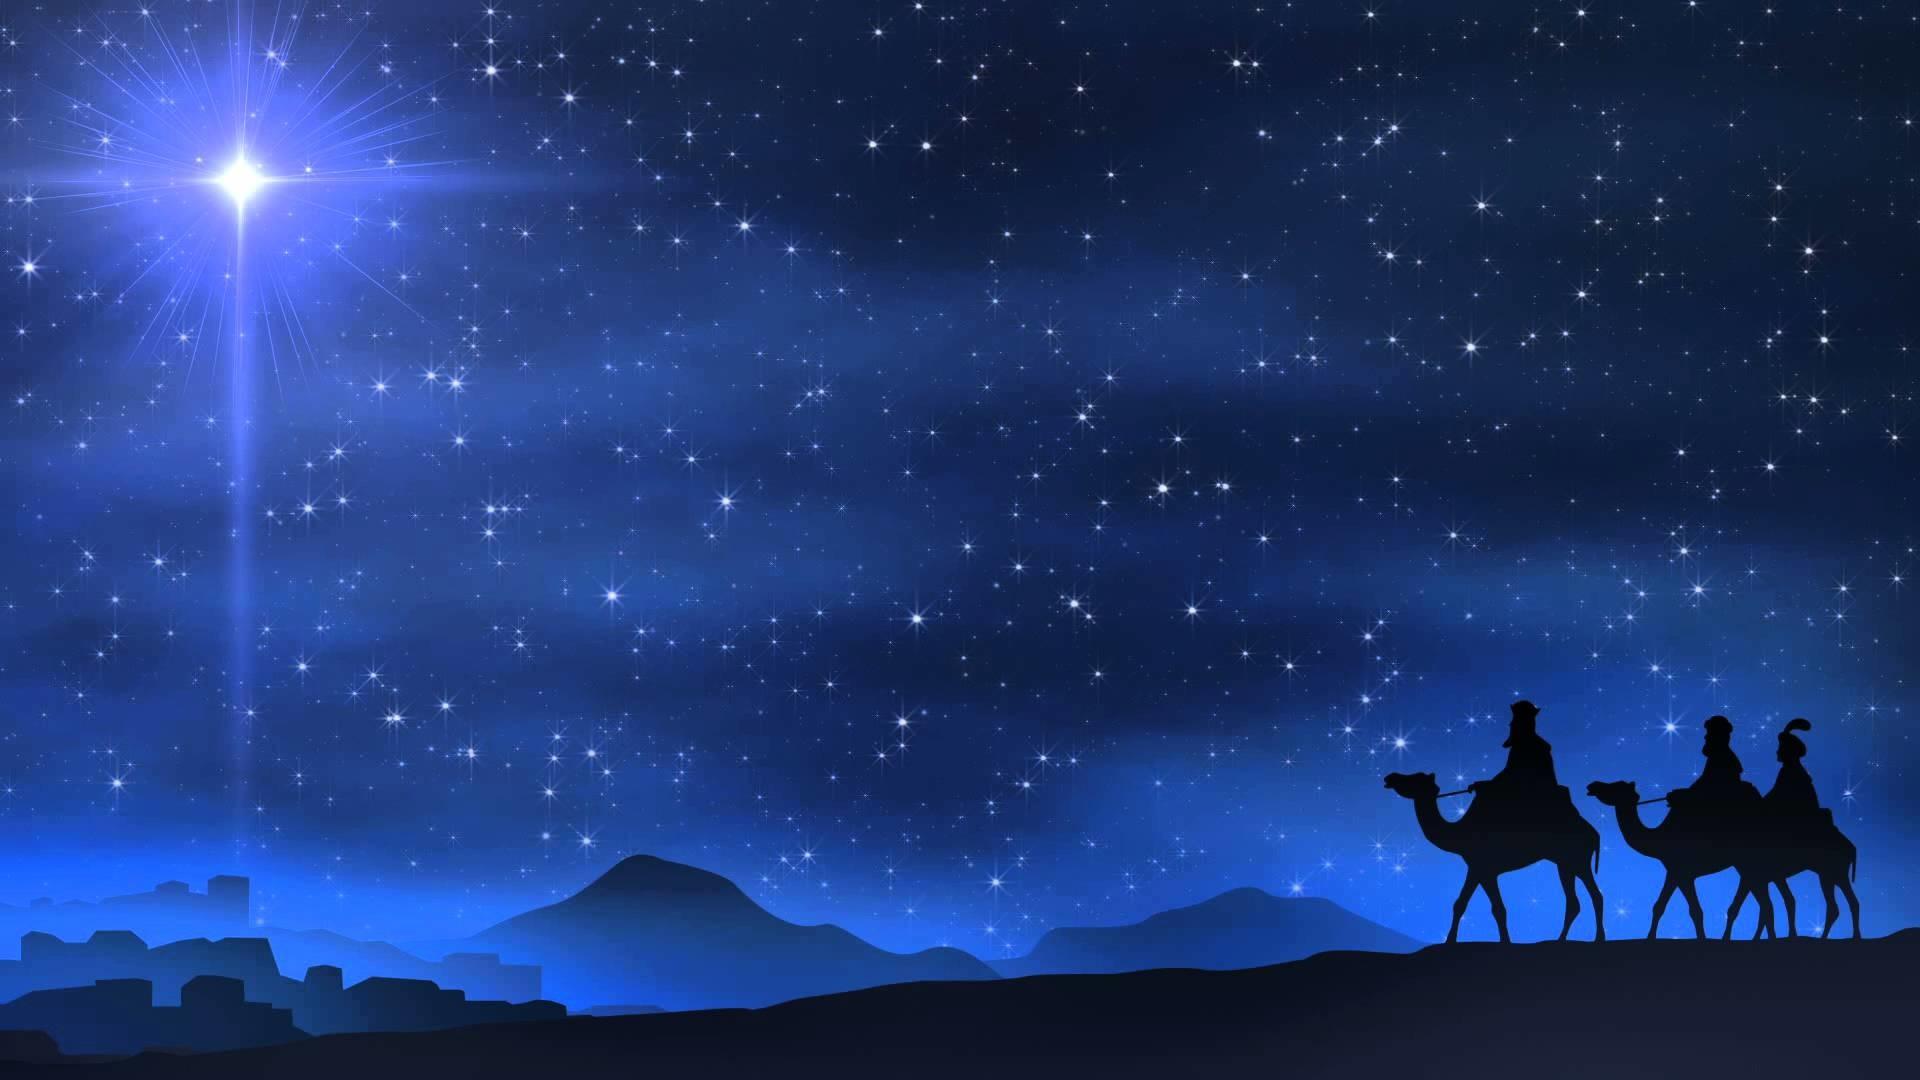 nativity scene background  36  images